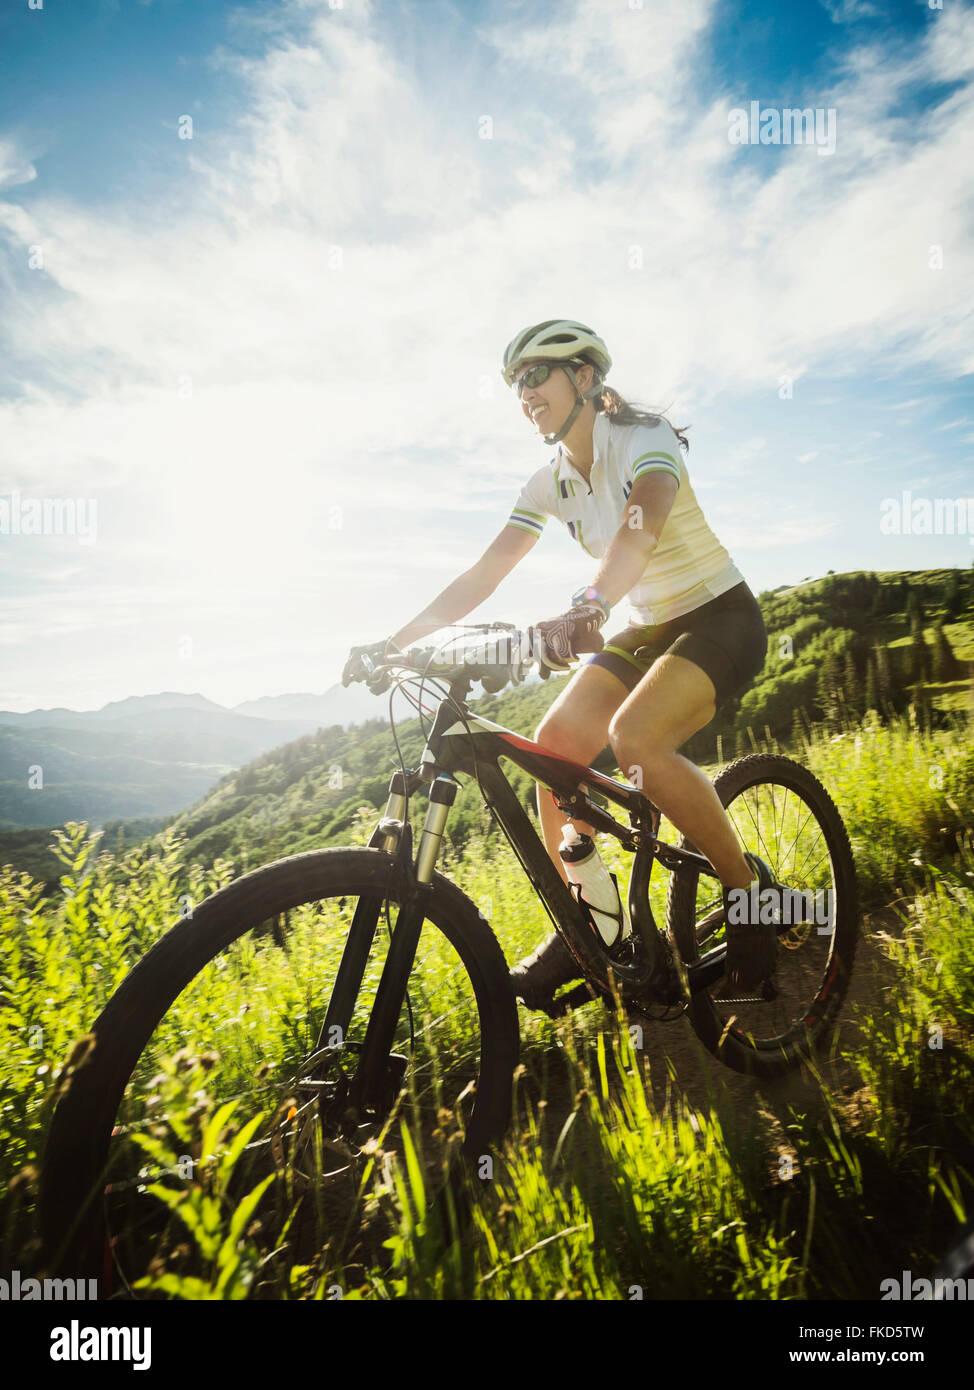 Durante el viaje en bicicleta de mujer Imagen De Stock